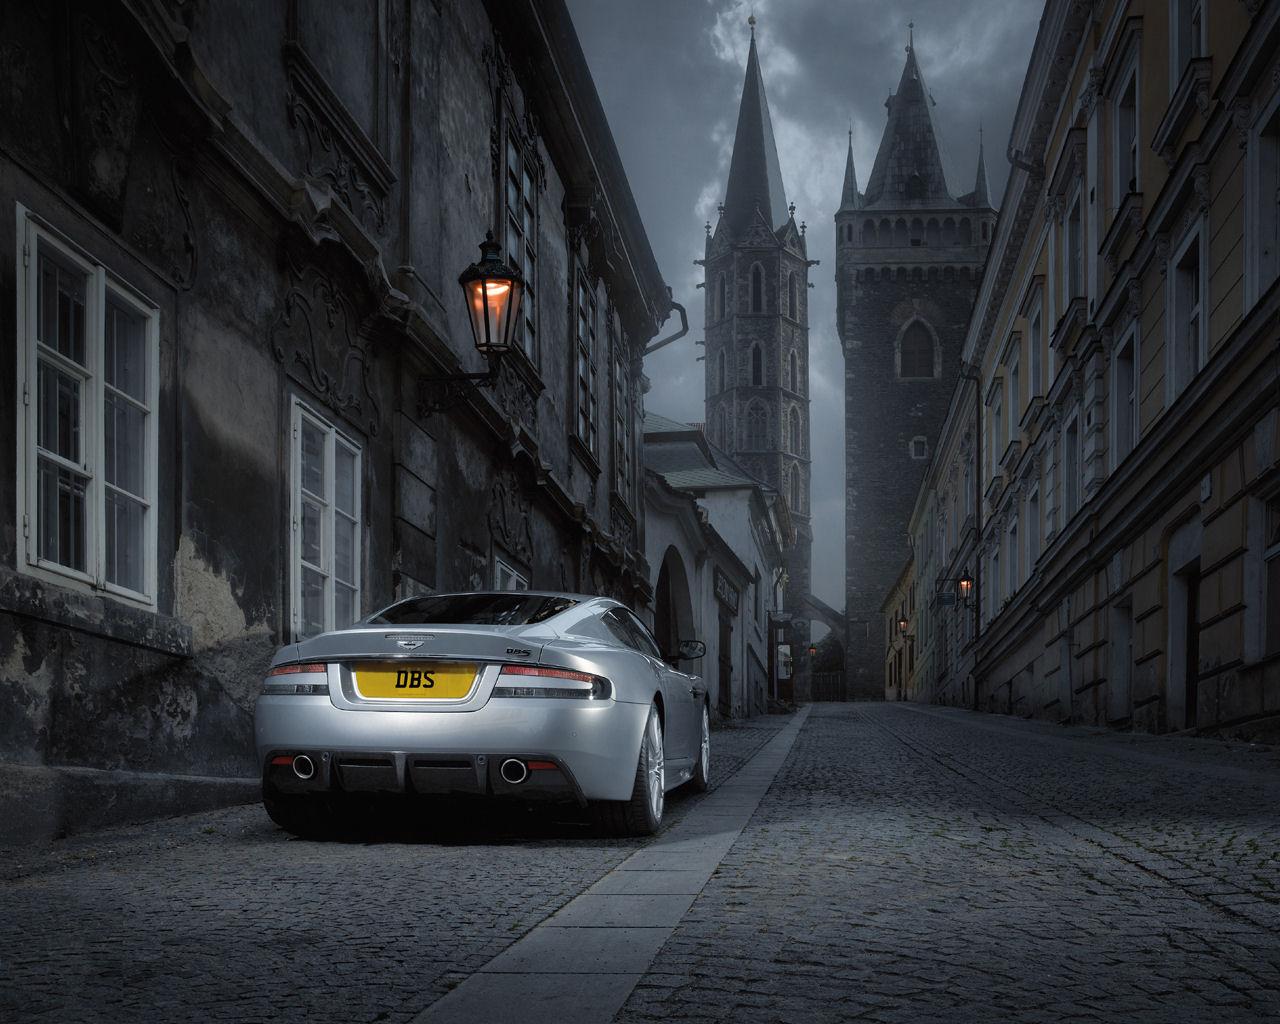 Aston Martin DBS, V12 Coupe, Volante Convertible - Free ...